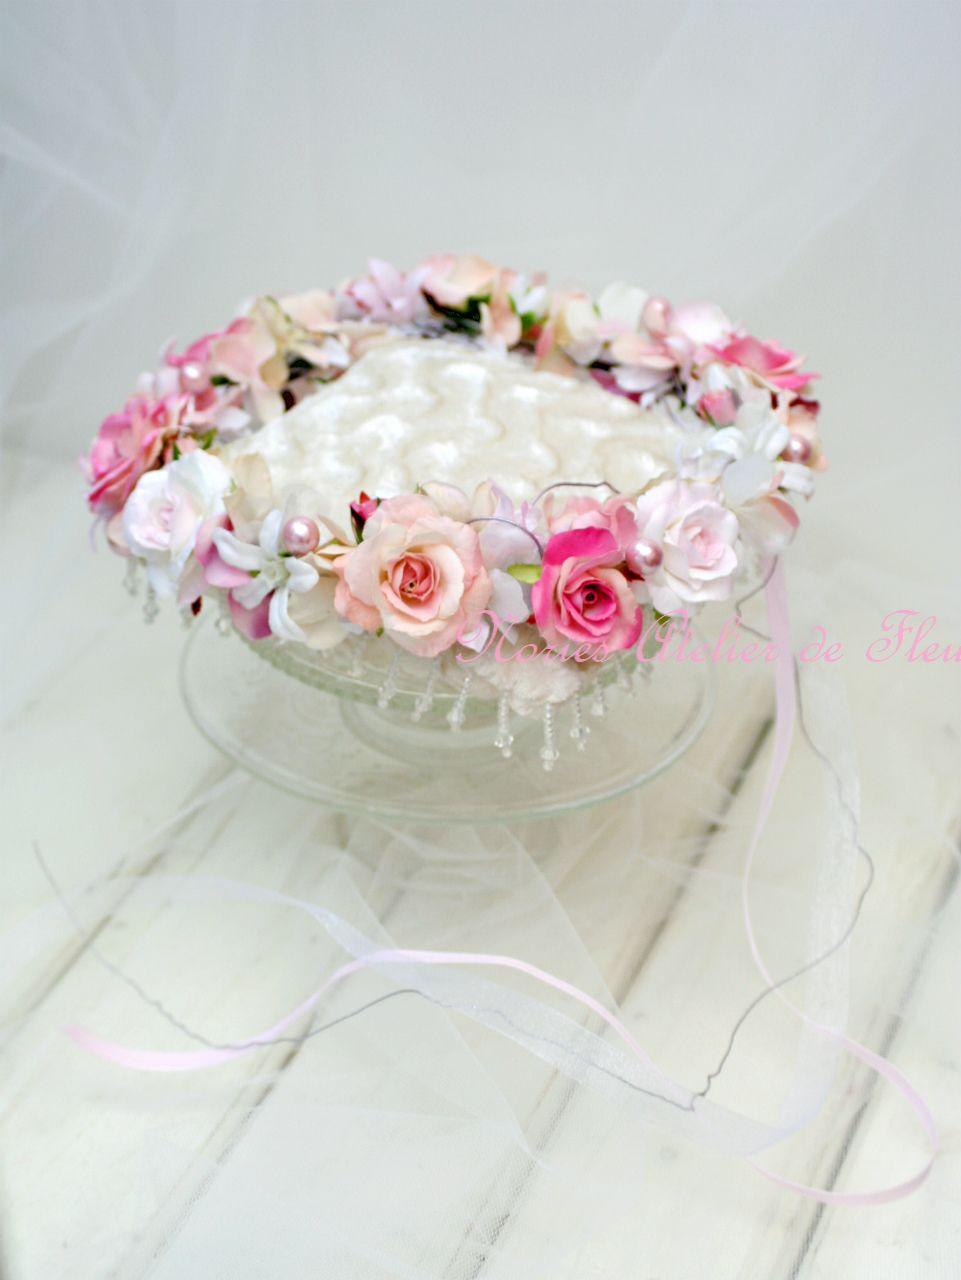 Gemma ジェンマ 淡いピンク系のアーティフィシャルフラワーを使った花かんむり